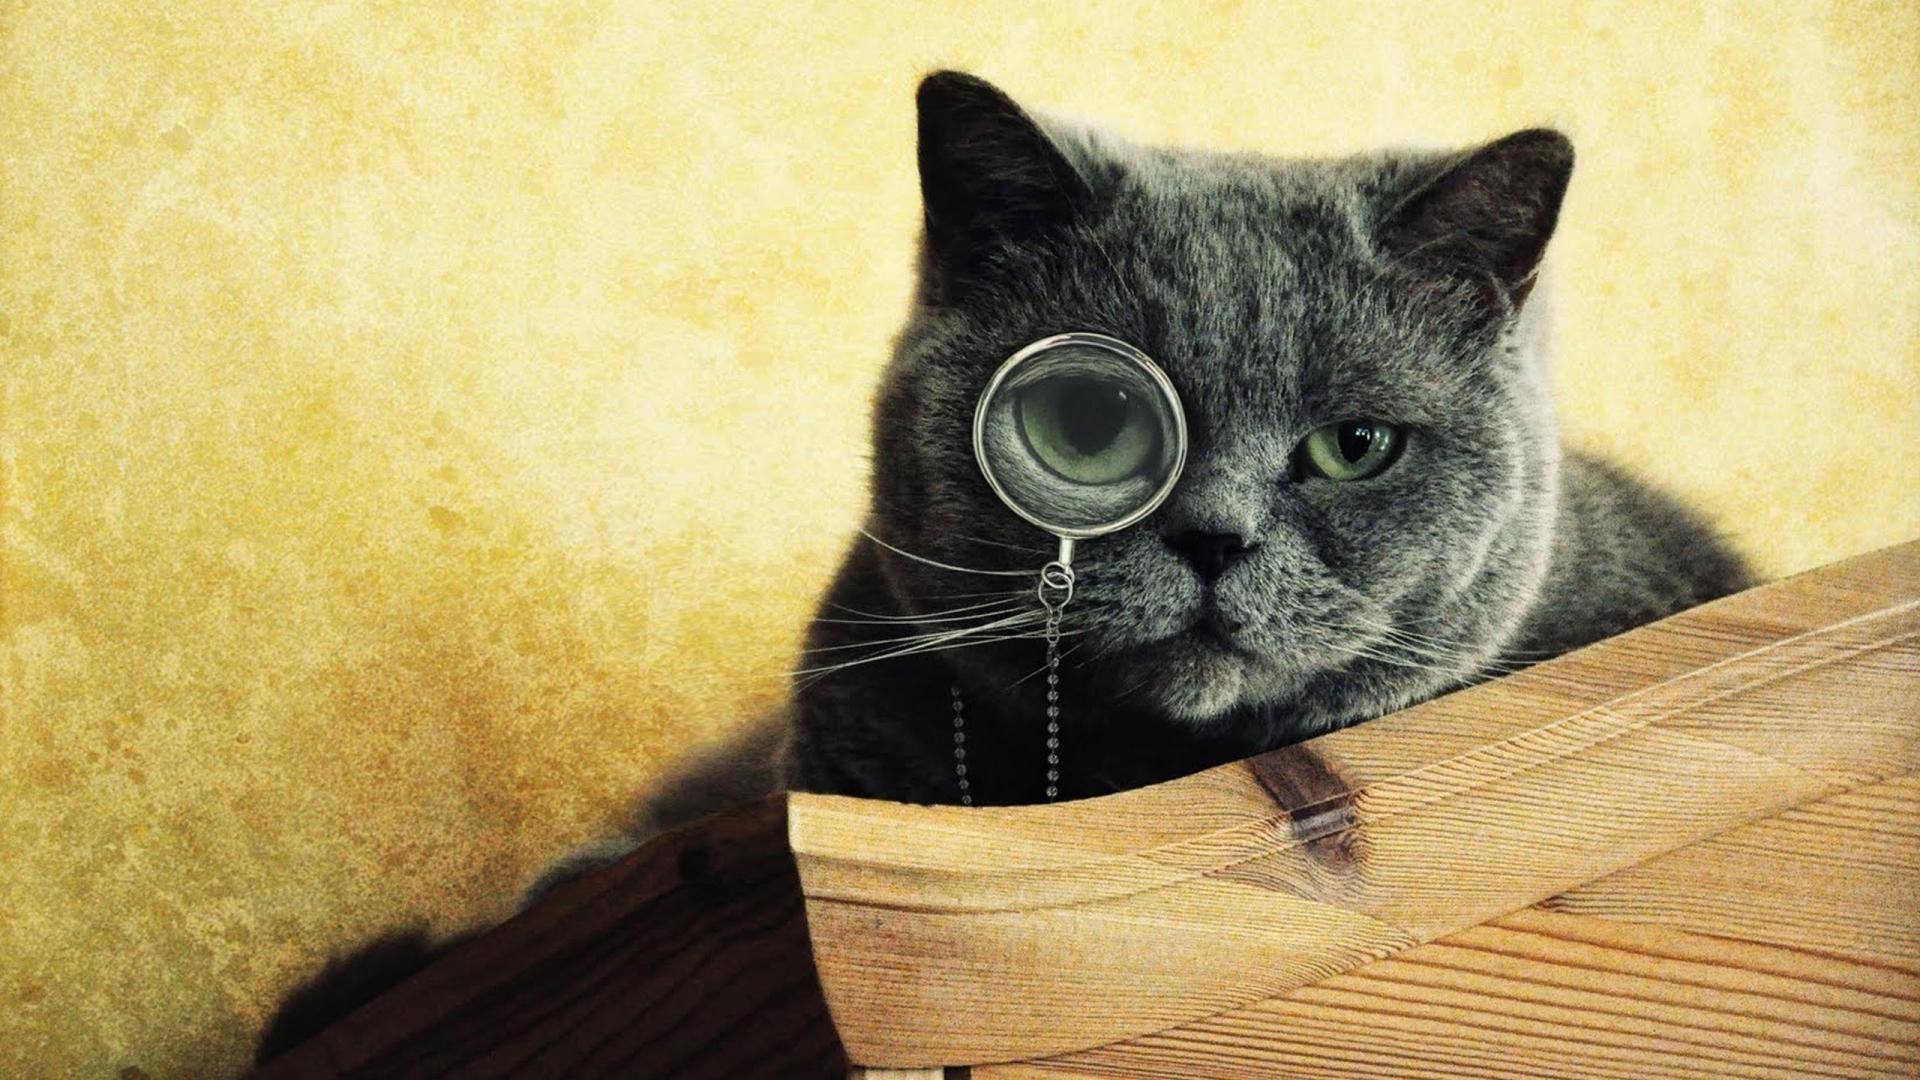 Imágenes graciosas de gatos - 1920x1080